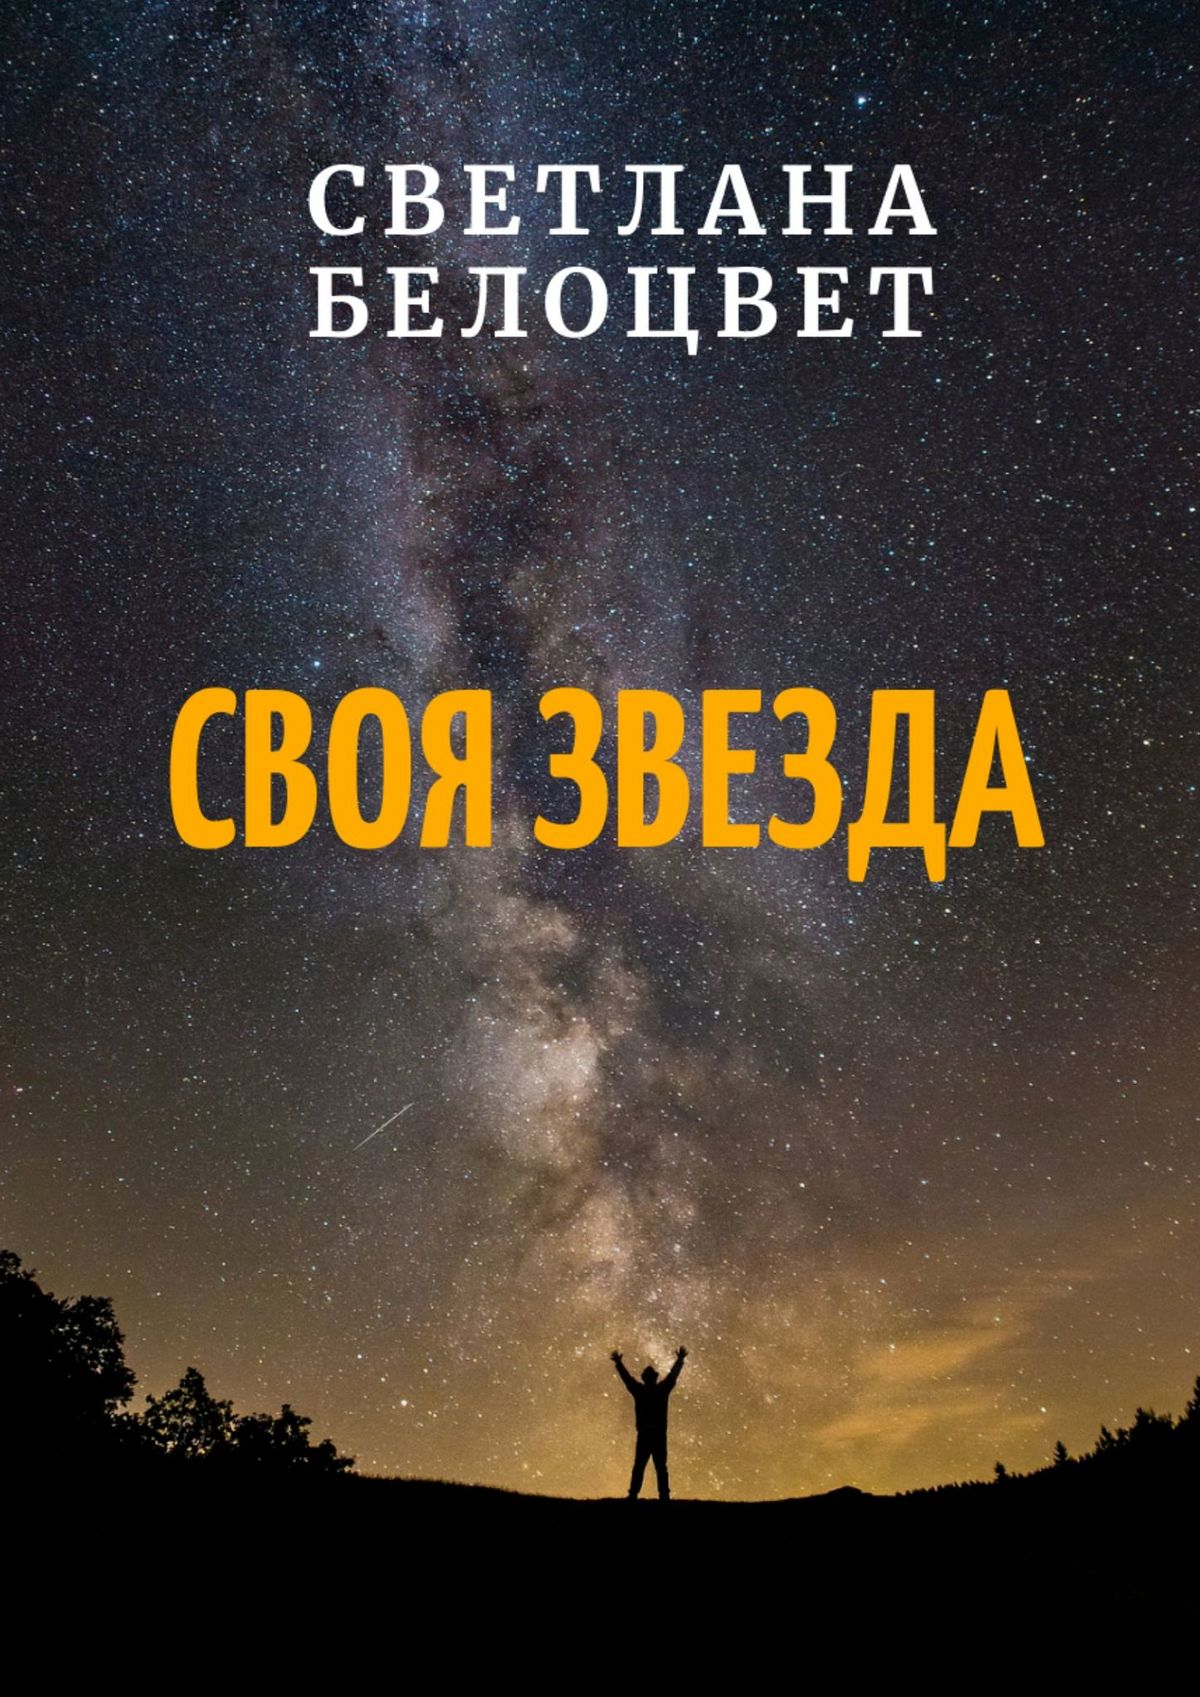 цены Светлана Вячеславовна Алексеева СВОЯ ЗВЕЗДА